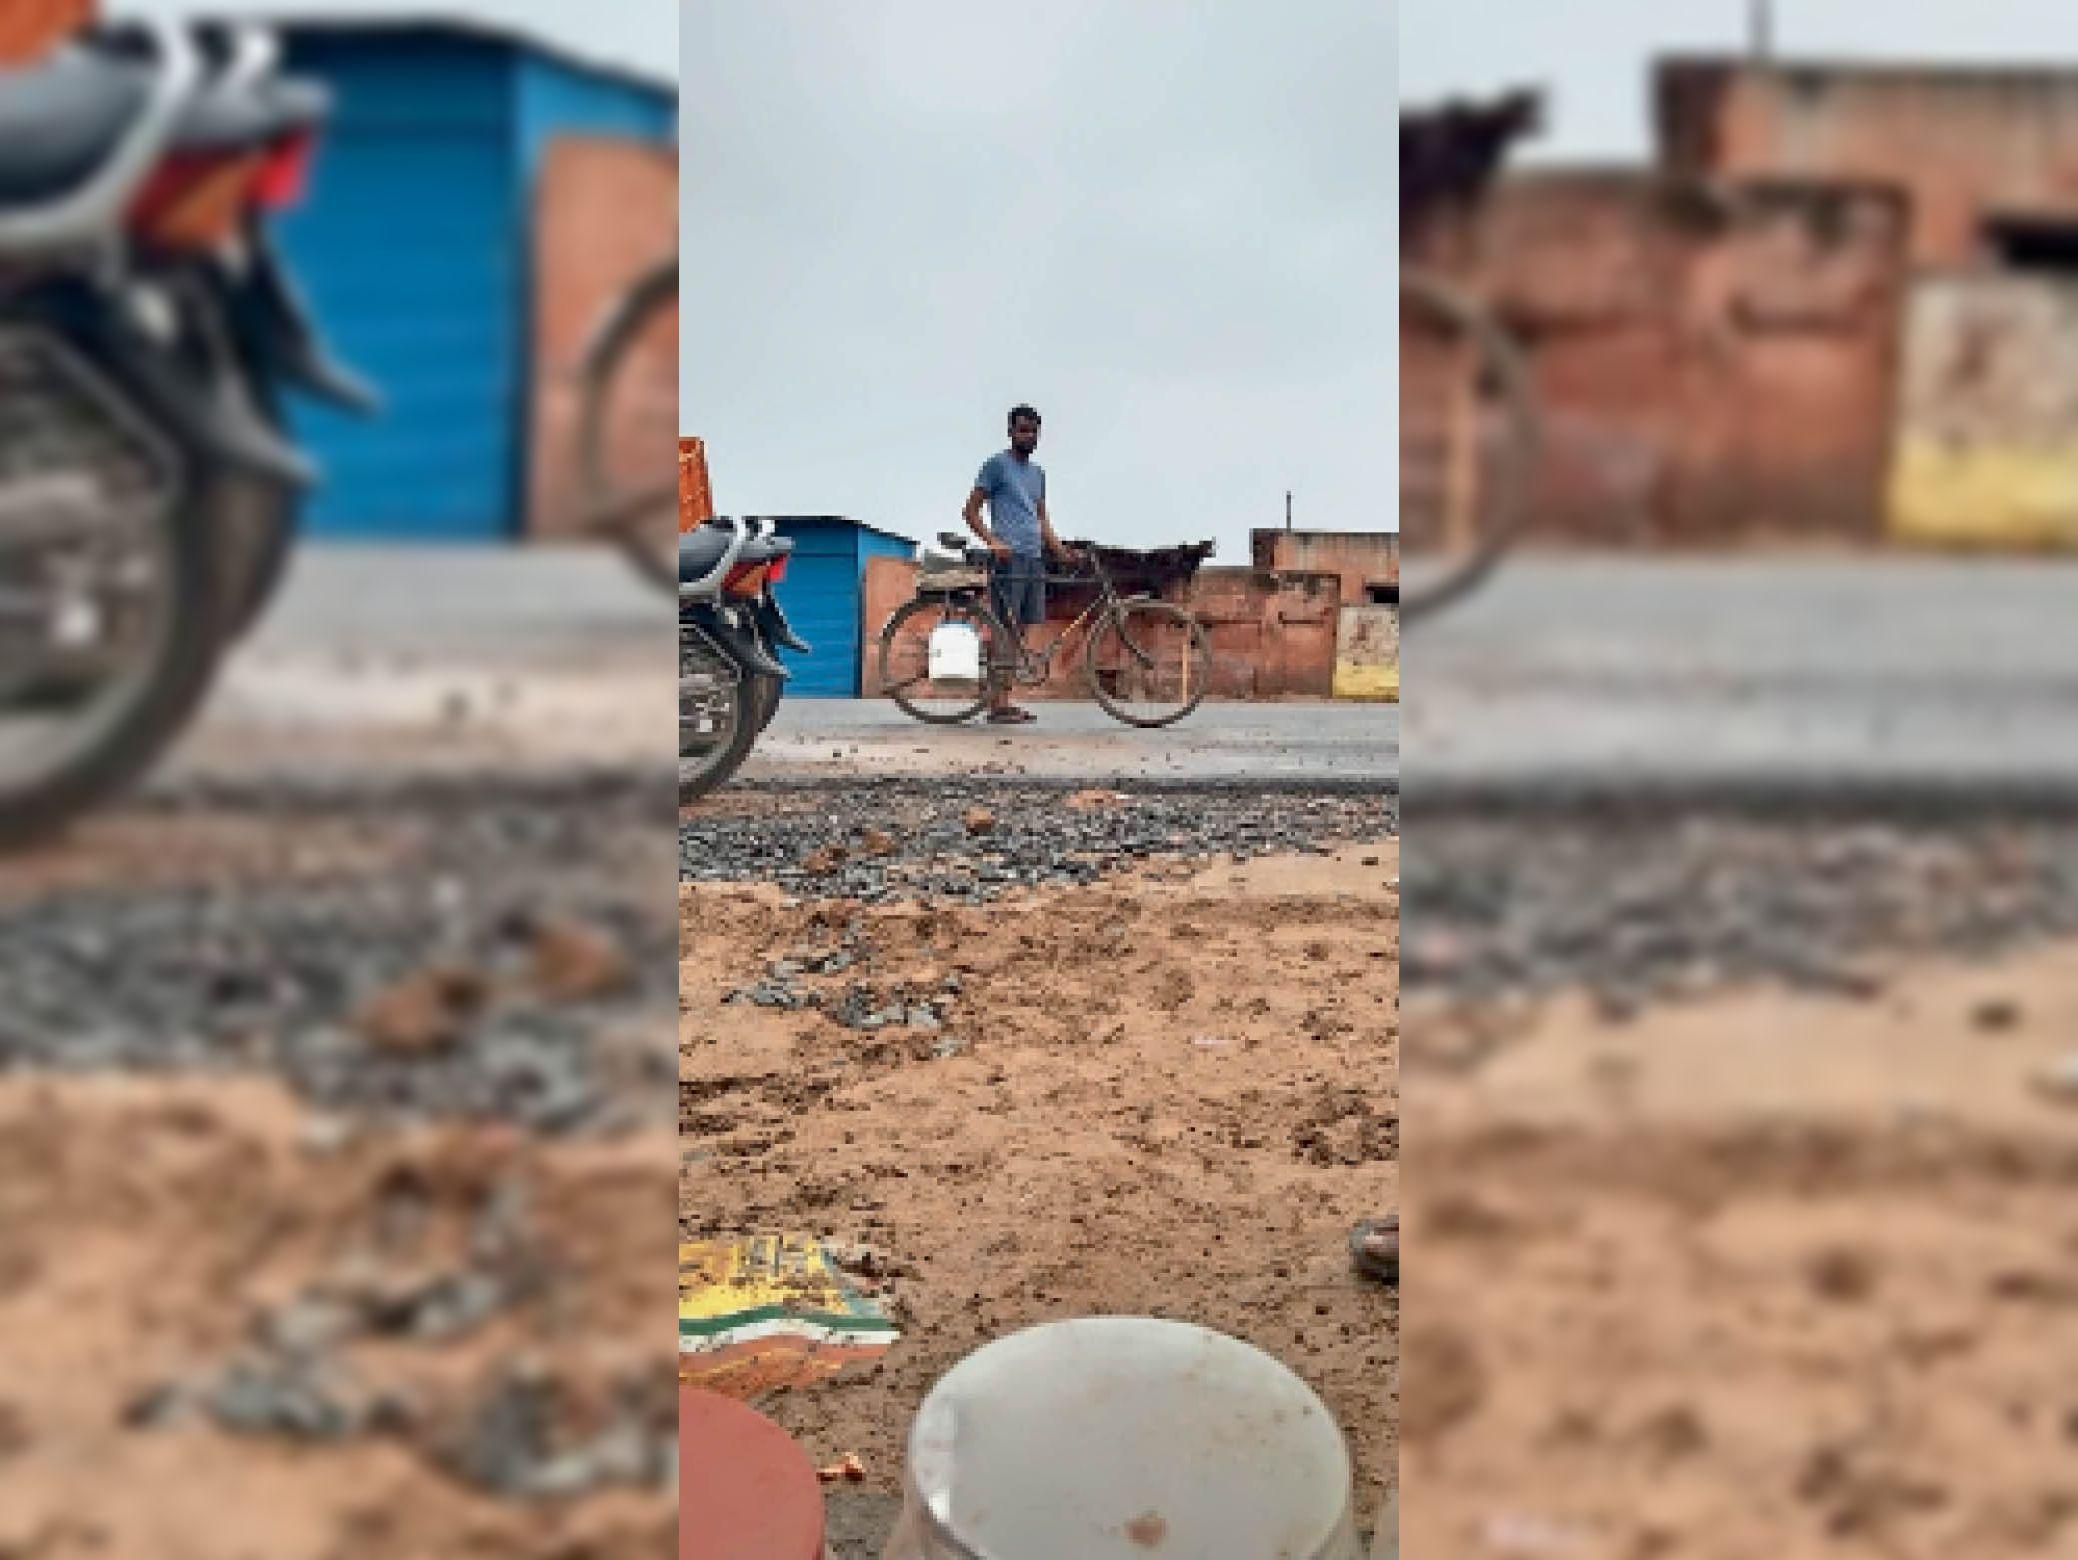 मीठा पानी लेकर आते हुए ग्रामीण । - Dainik Bhaskar